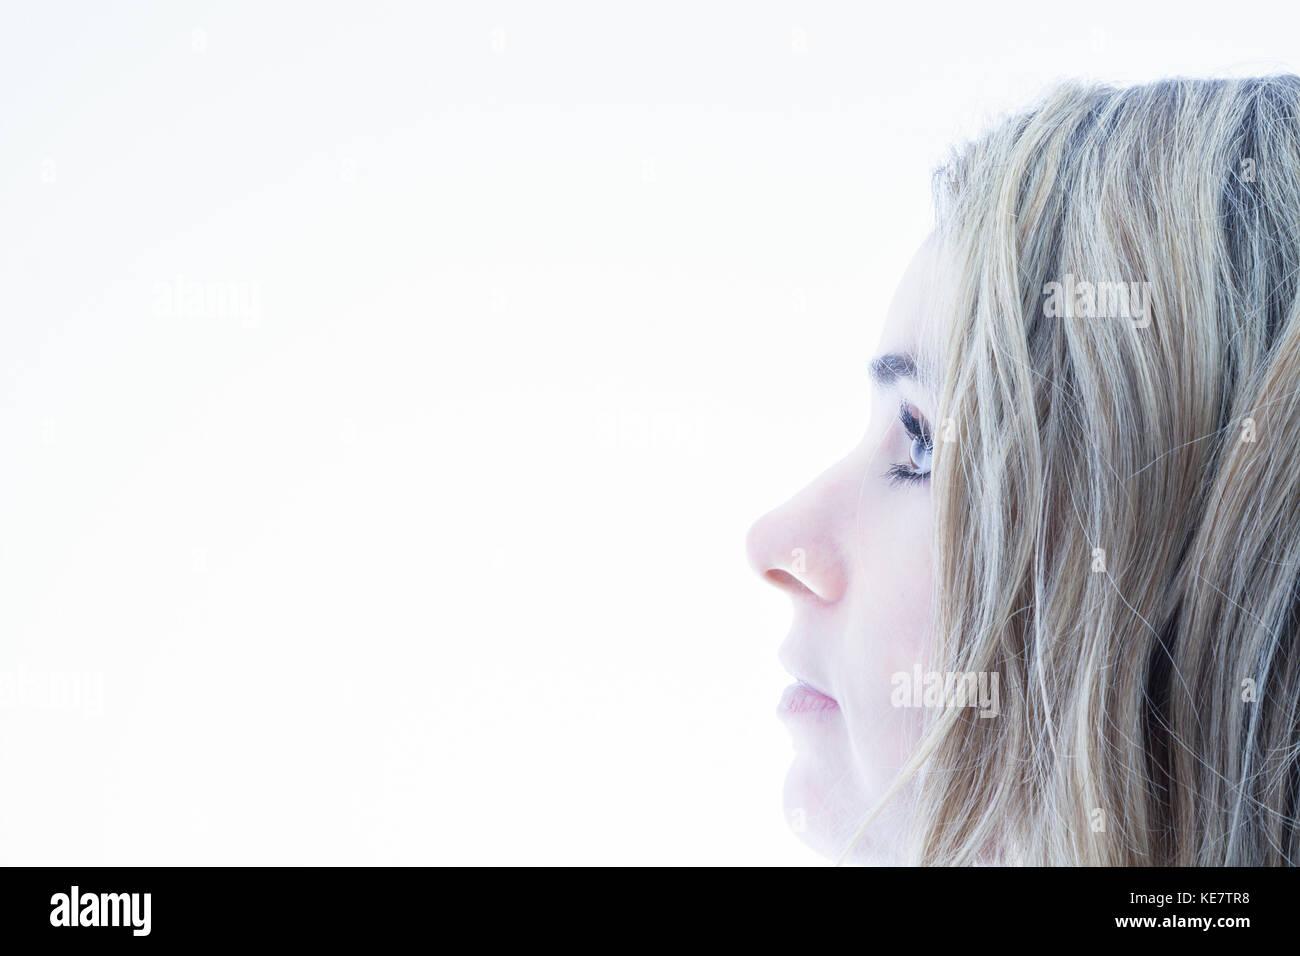 Profilo di un volto di donna con capelli biondi; Connecticut, Stati Uniti d'America Immagini Stock